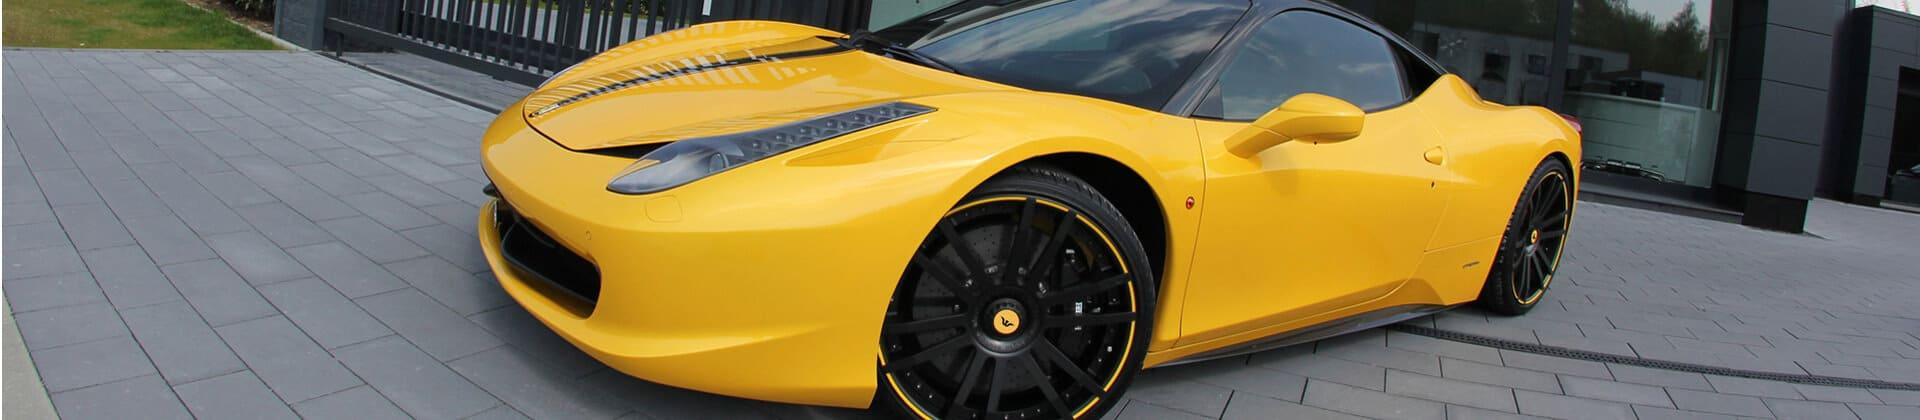 motortuning Ferrari 458